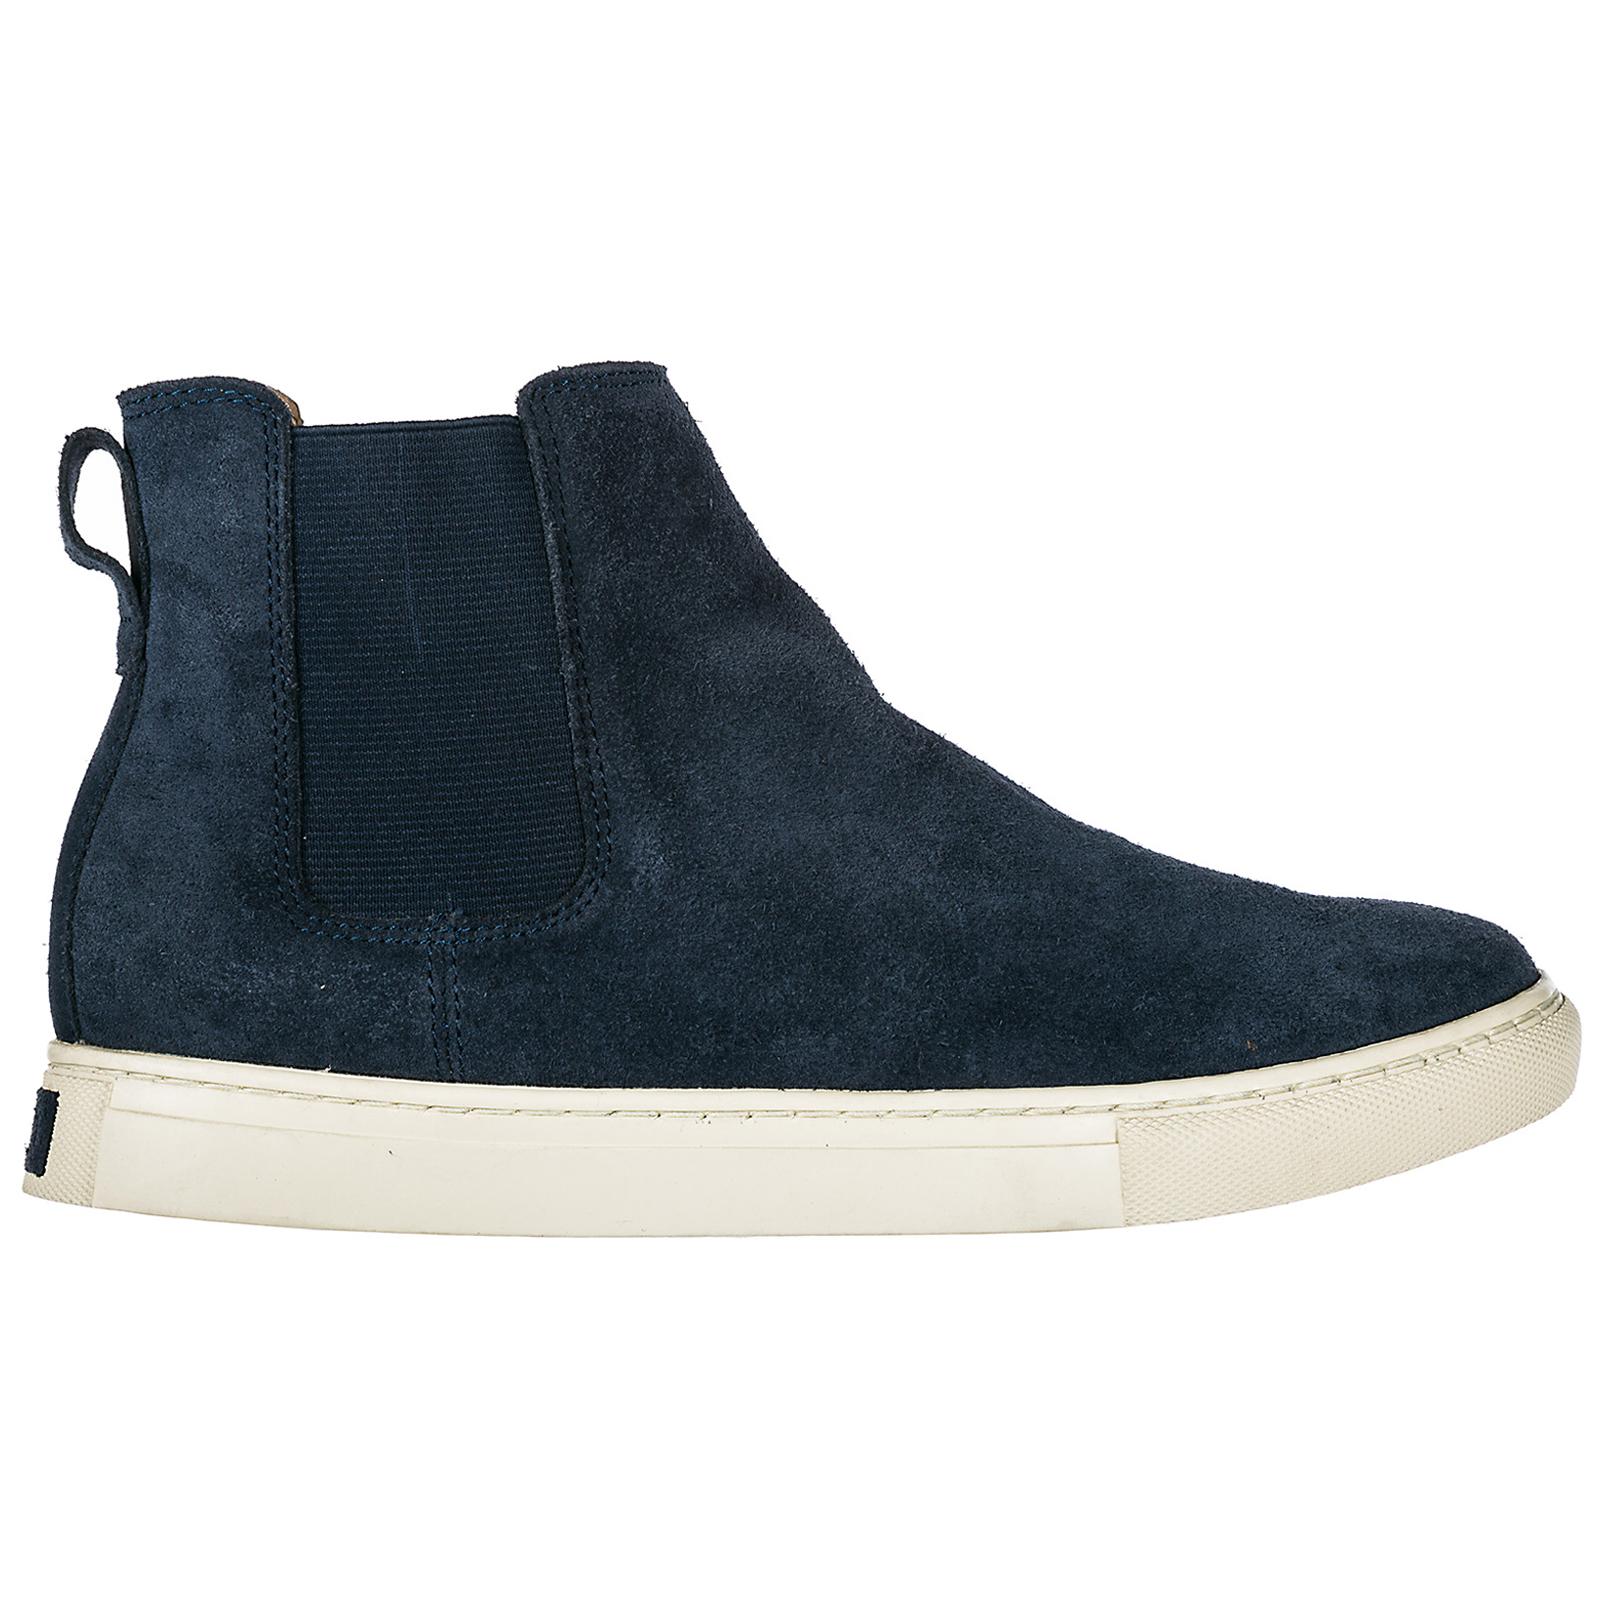 b66298675da Polo Ralph Lauren Men s suede desert boots lace up ankle boots jonny